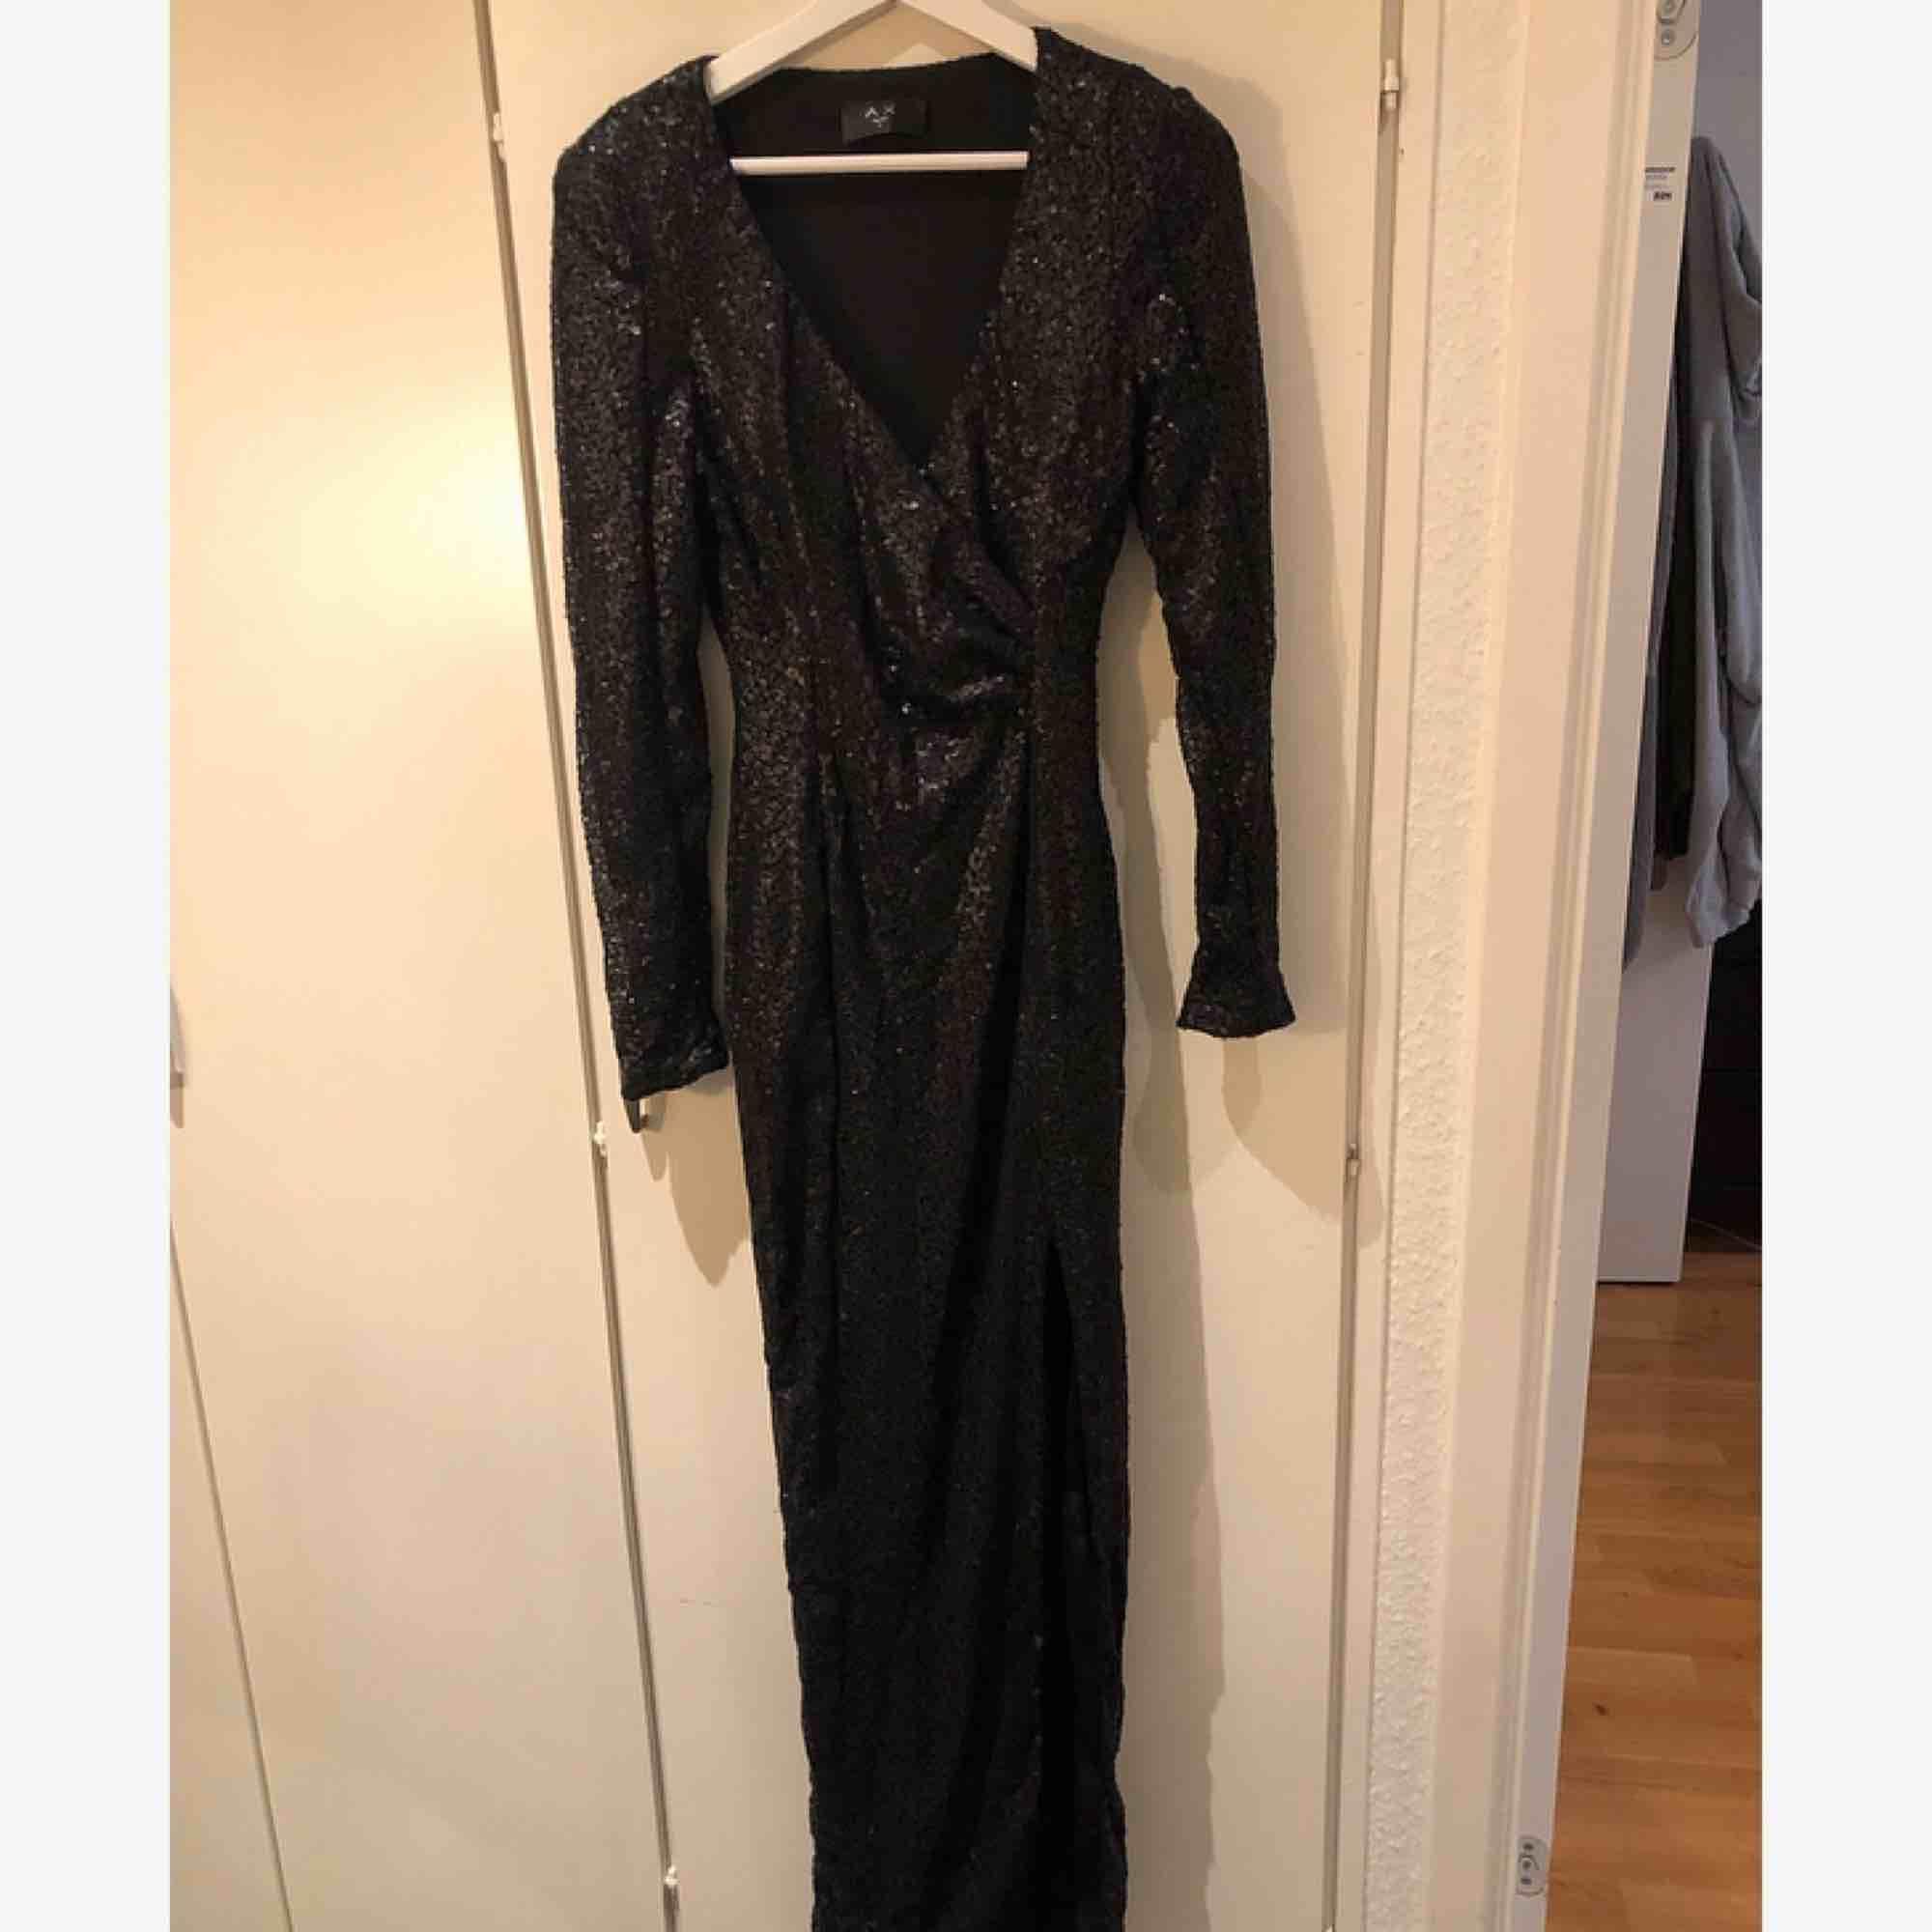 Super fin lång festklänning med slits & axelvaddar passar perfekt till finare tillfällen tex nyår! Glittrar snyggt 🌟 knappt använd! . Klänningar.